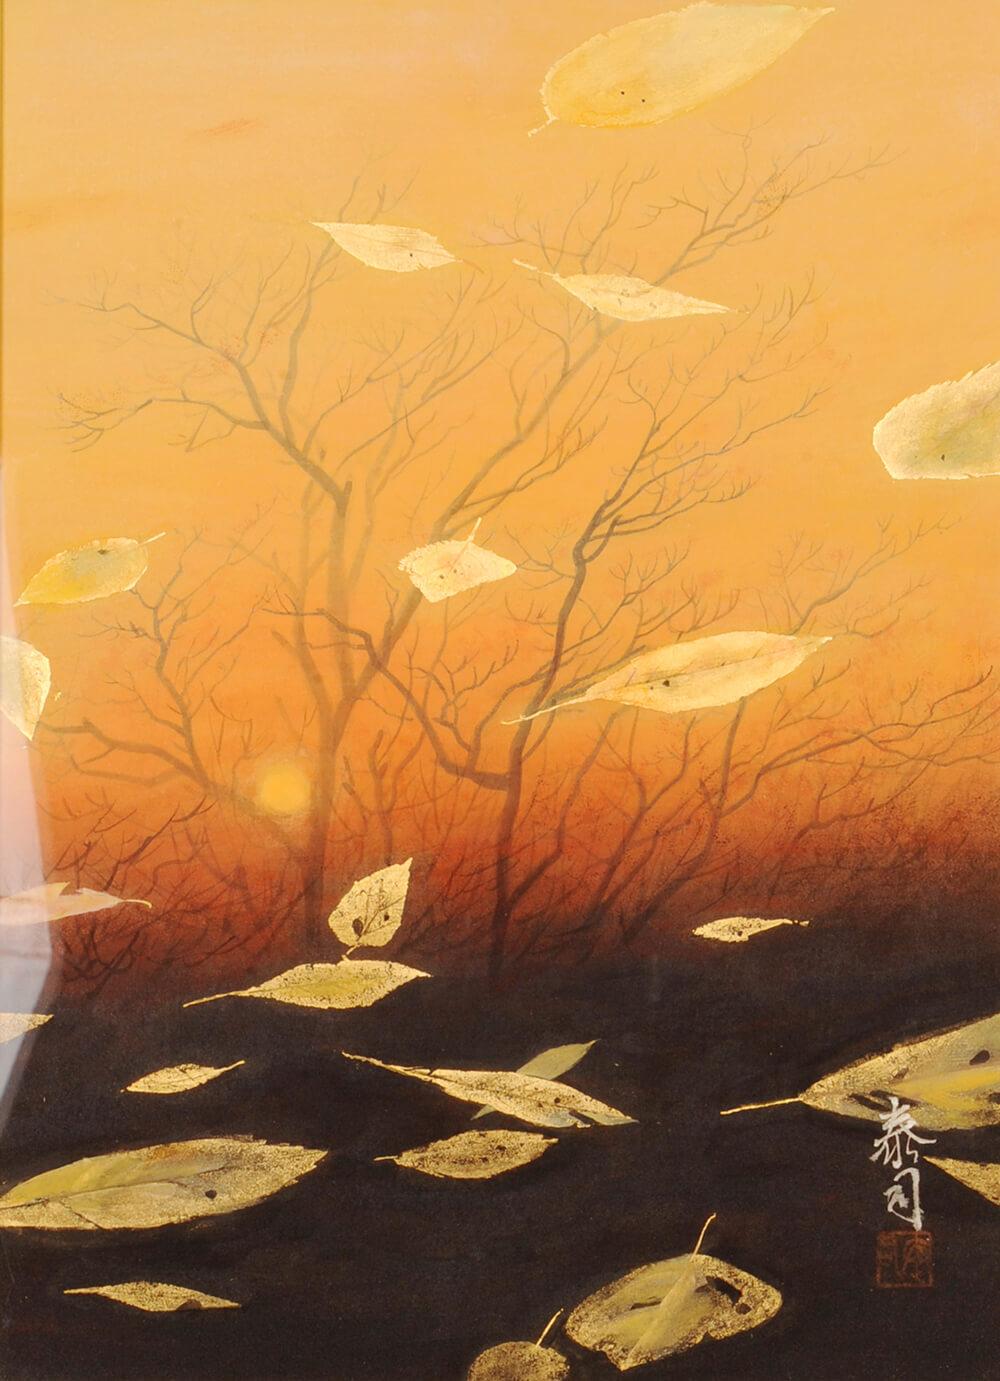 2013年1月11日から開催の「癸巳 橘 泰司 日本画 展」の橘 泰司の作品15